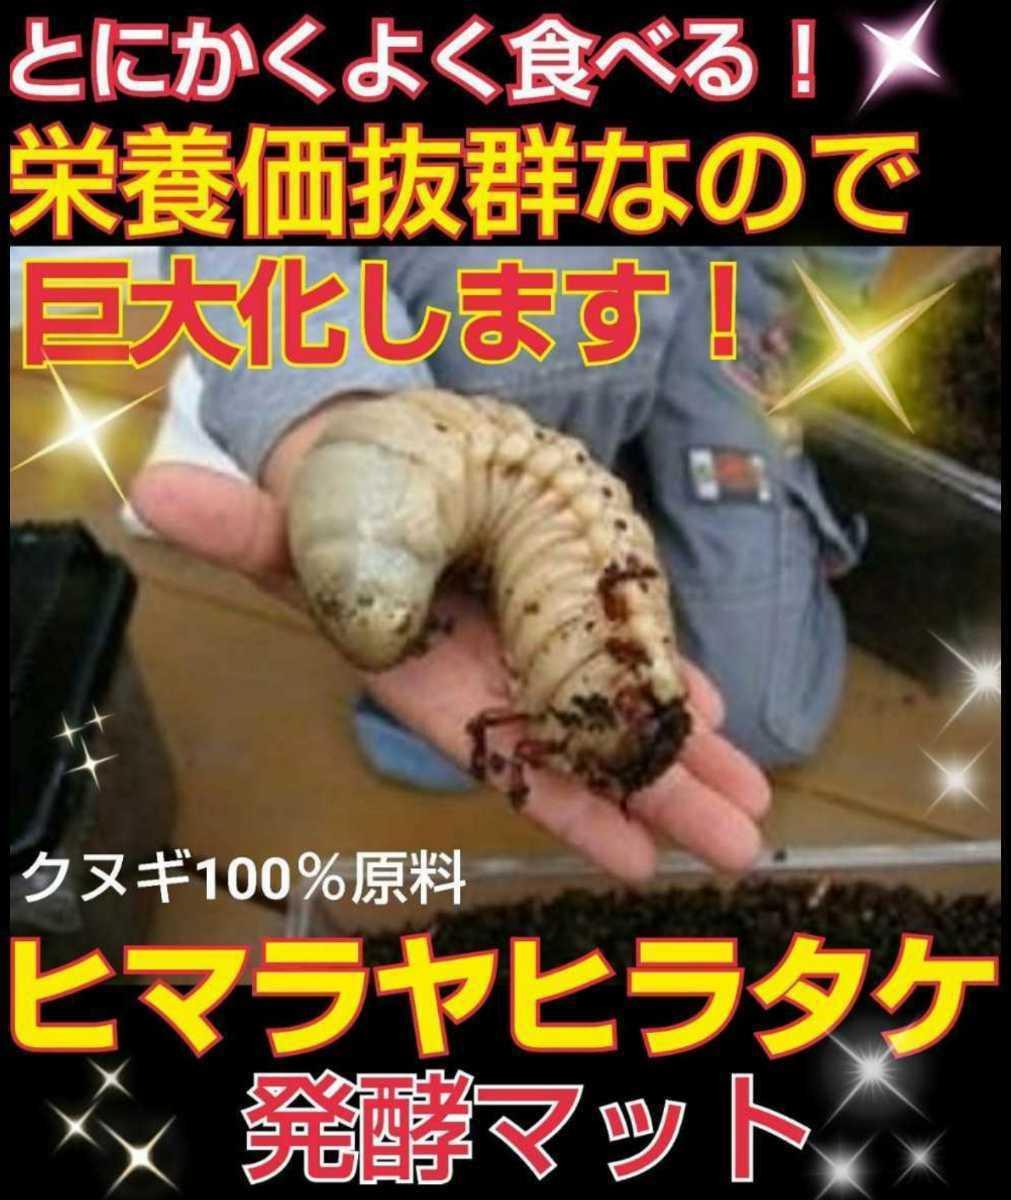 ヒマラヤひらたけ発酵マット☆カブトムシ・クワガタの幼虫の餌、産卵マットに!栄養価抜群なのでビッグサイズ狙えます!クヌギ100%原料_画像1